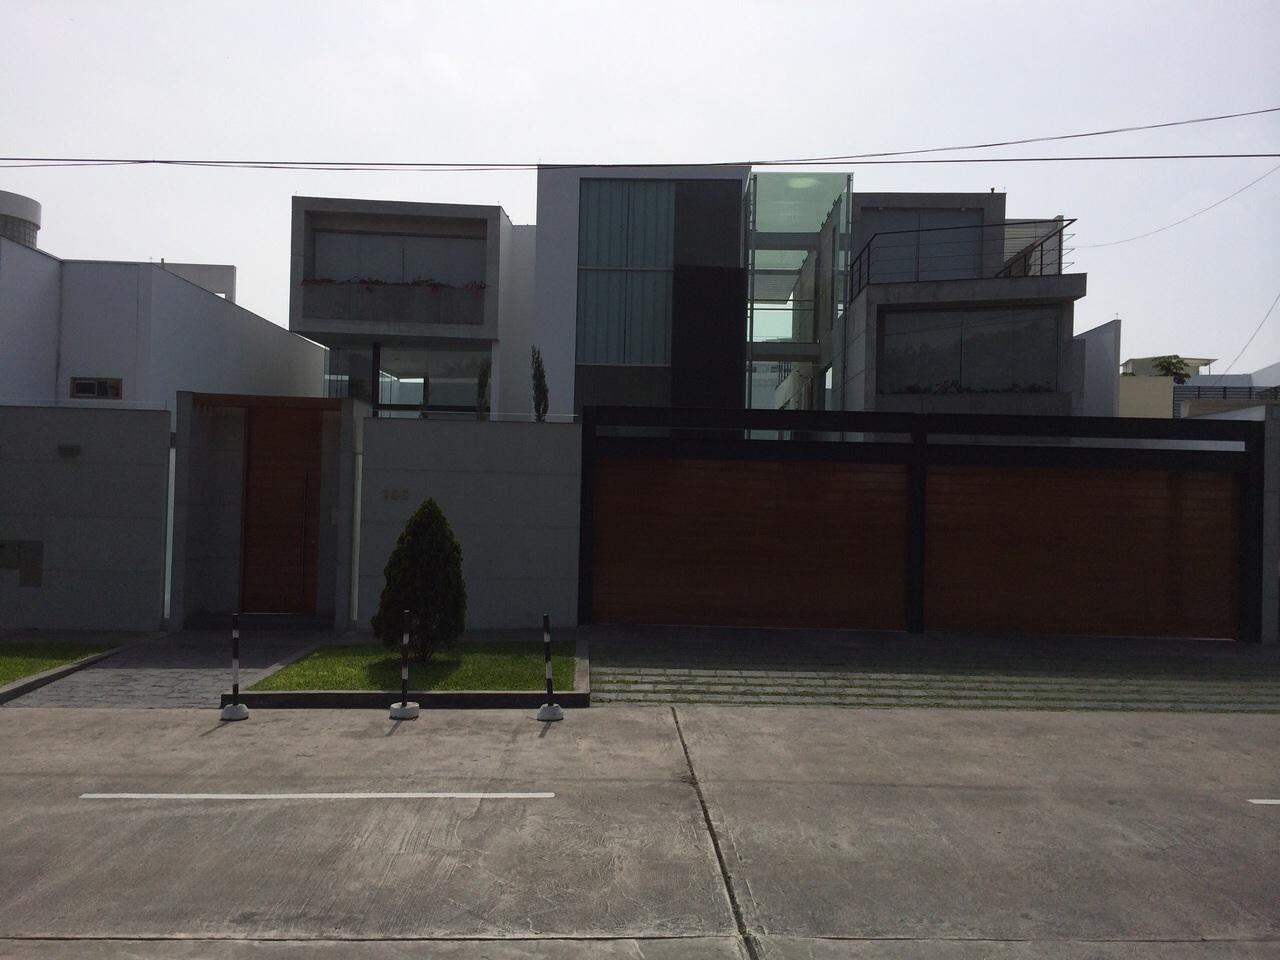 Casa MM en San Isidro lima peru diego del castillo (35).JPG